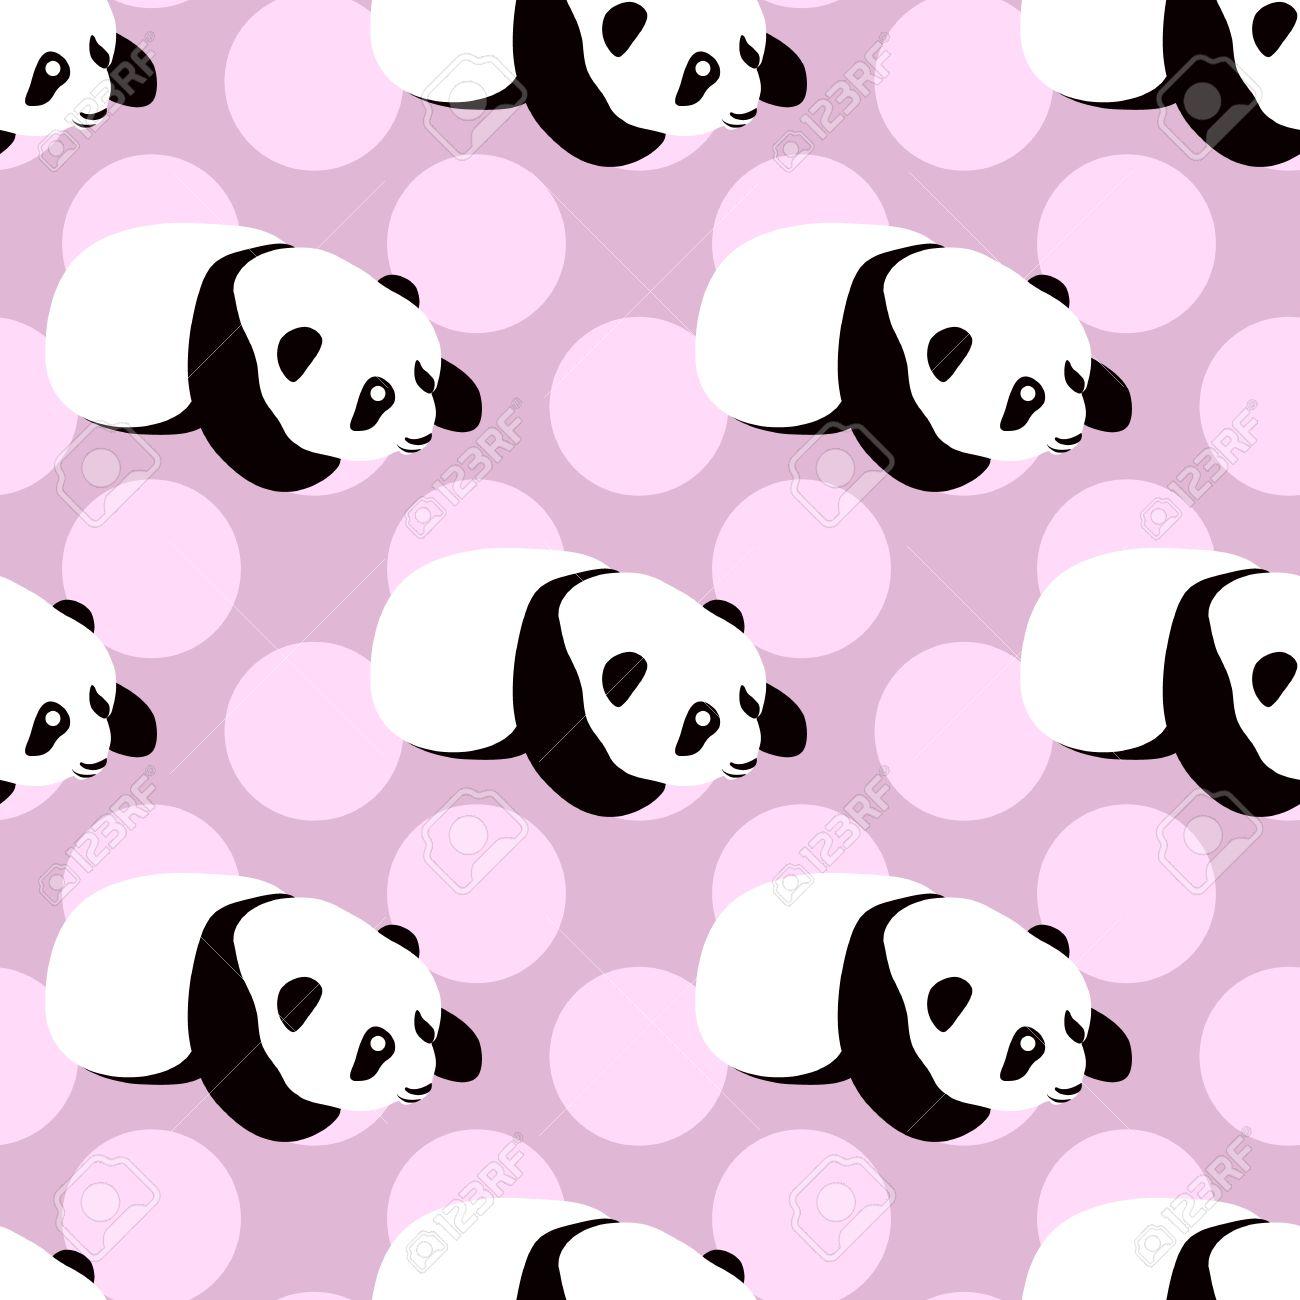 Panda Vector De Oso De Fondo Patrón Transparente Con Dibujos